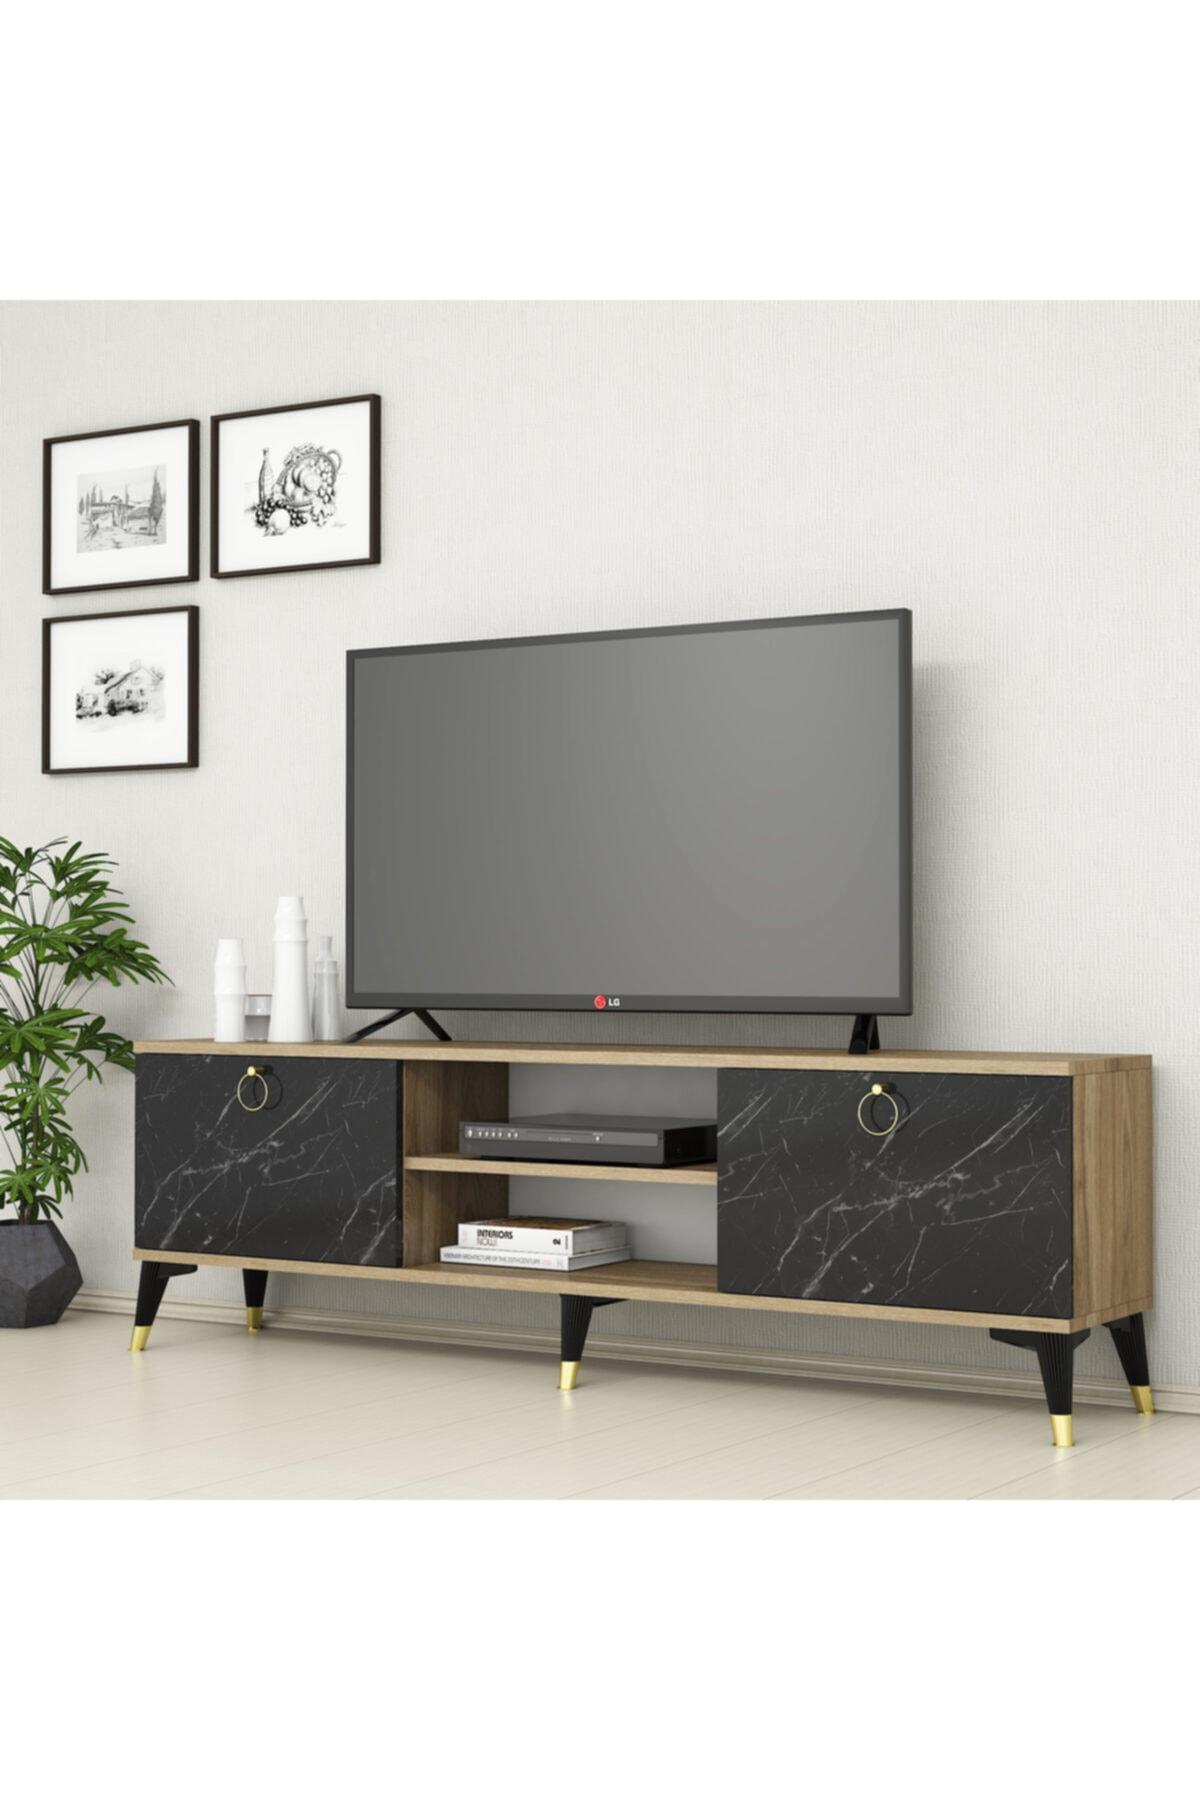 Mermer Desen Altın Kulplu Modern Ayak 160 cm Tv Sehpası